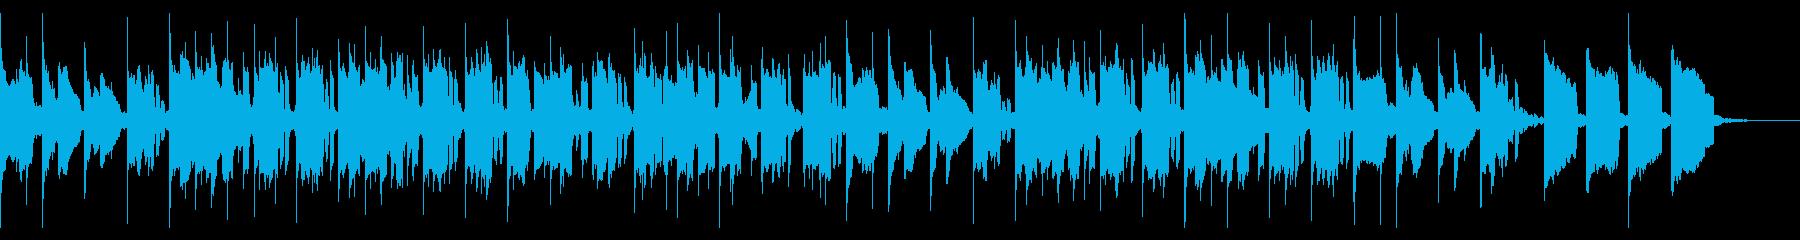 幻想的で優しいオルゴールのような音色の曲の再生済みの波形